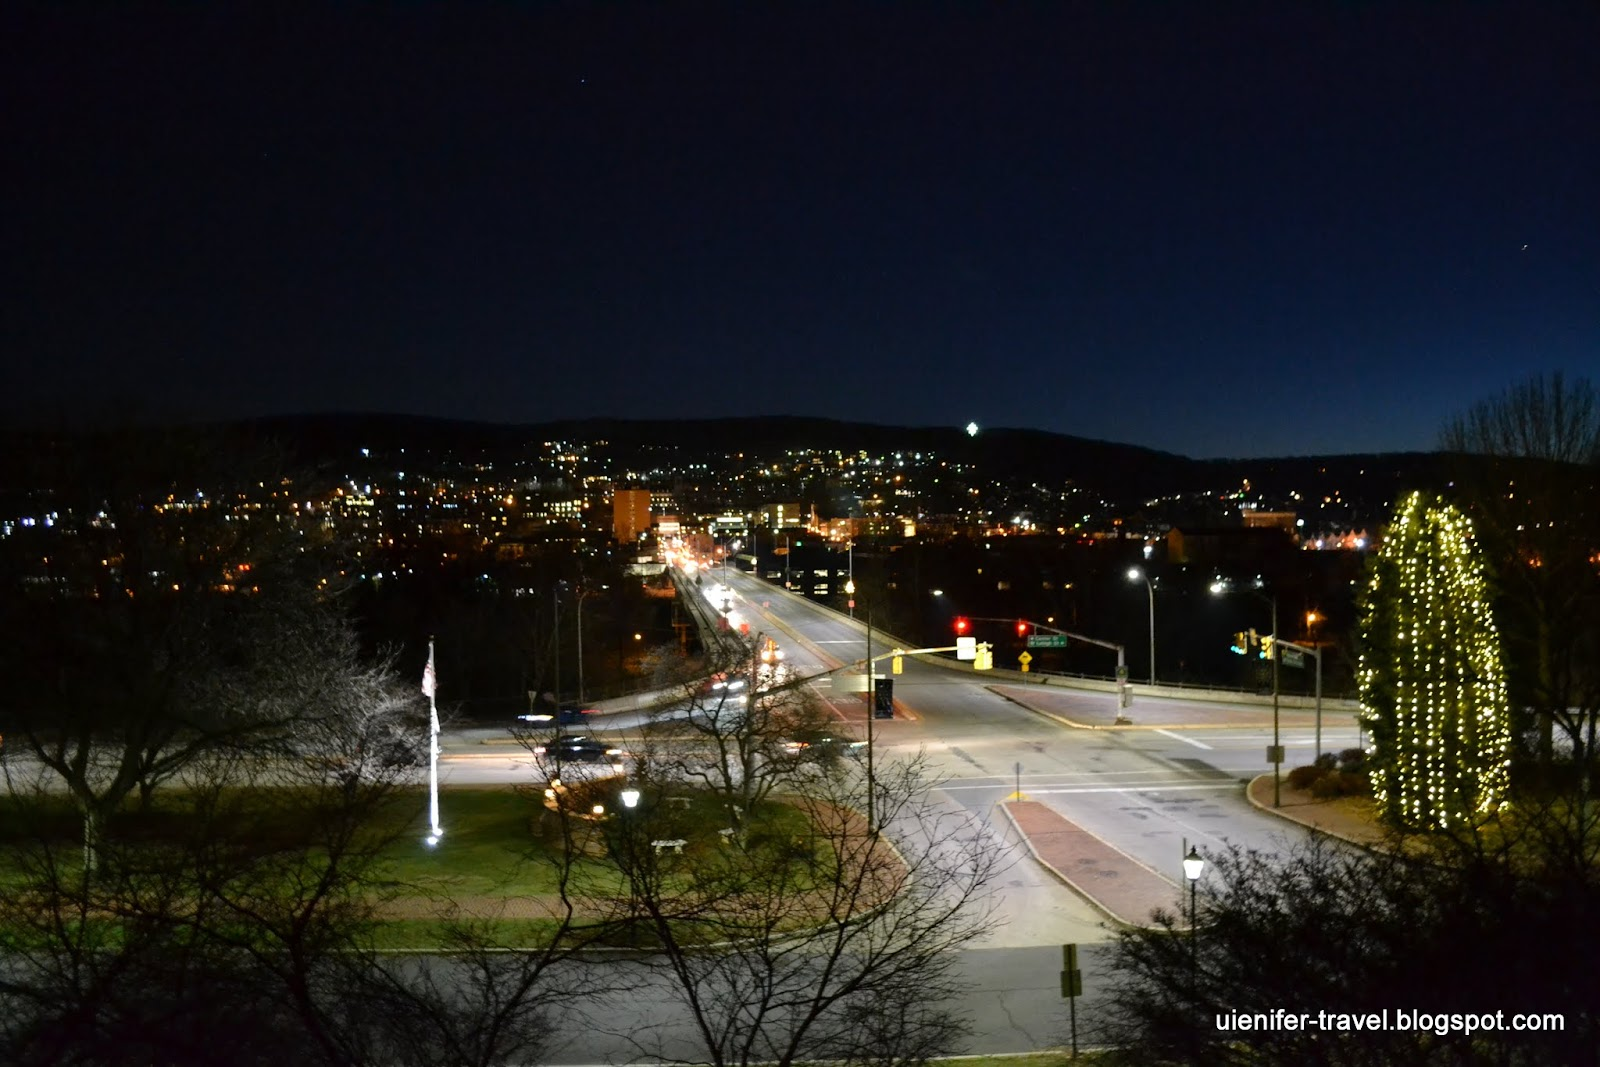 Рождественский город - Бетлехем, Пенсильвания (Bethlehem, Pennsylvania)